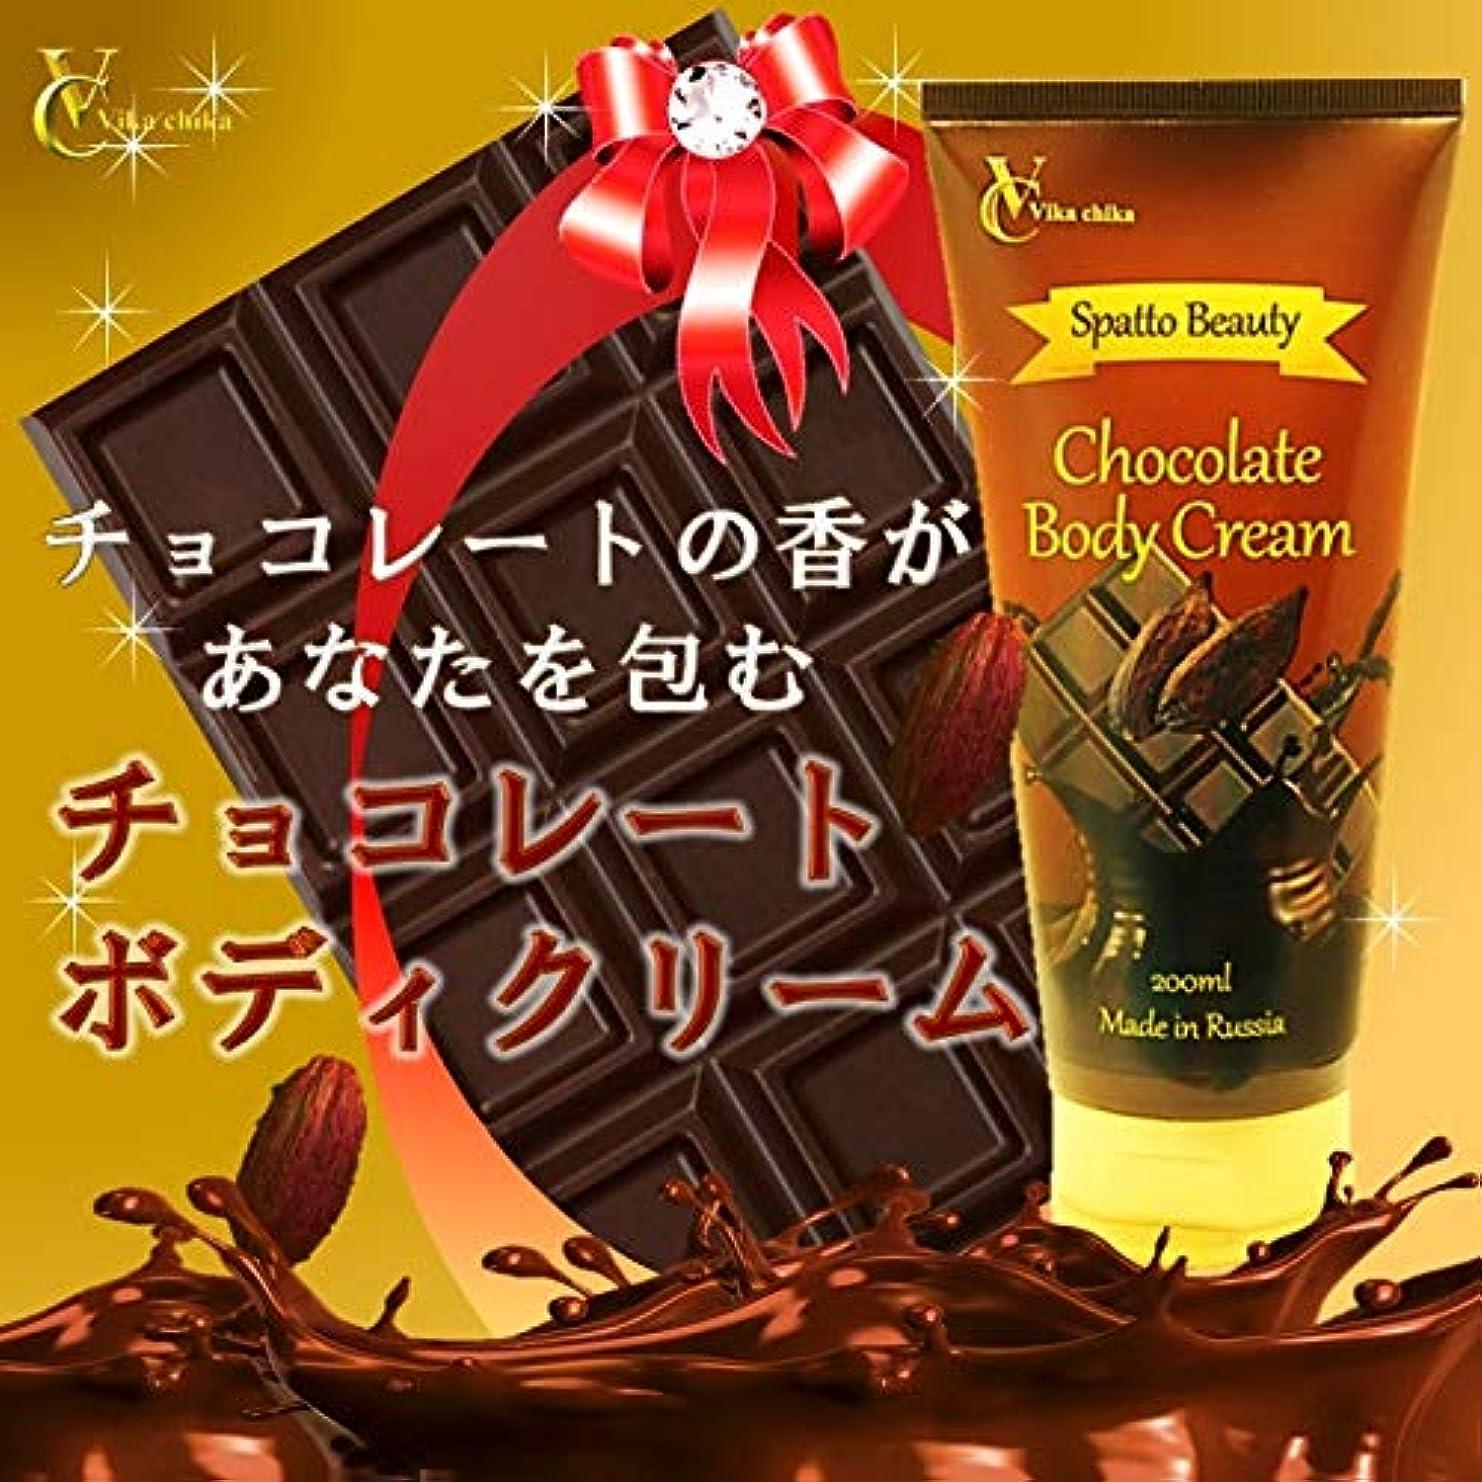 ラグ大腿ピーブビッカチカ スパッと ビューティ チョコレートボディクリーム 200ml